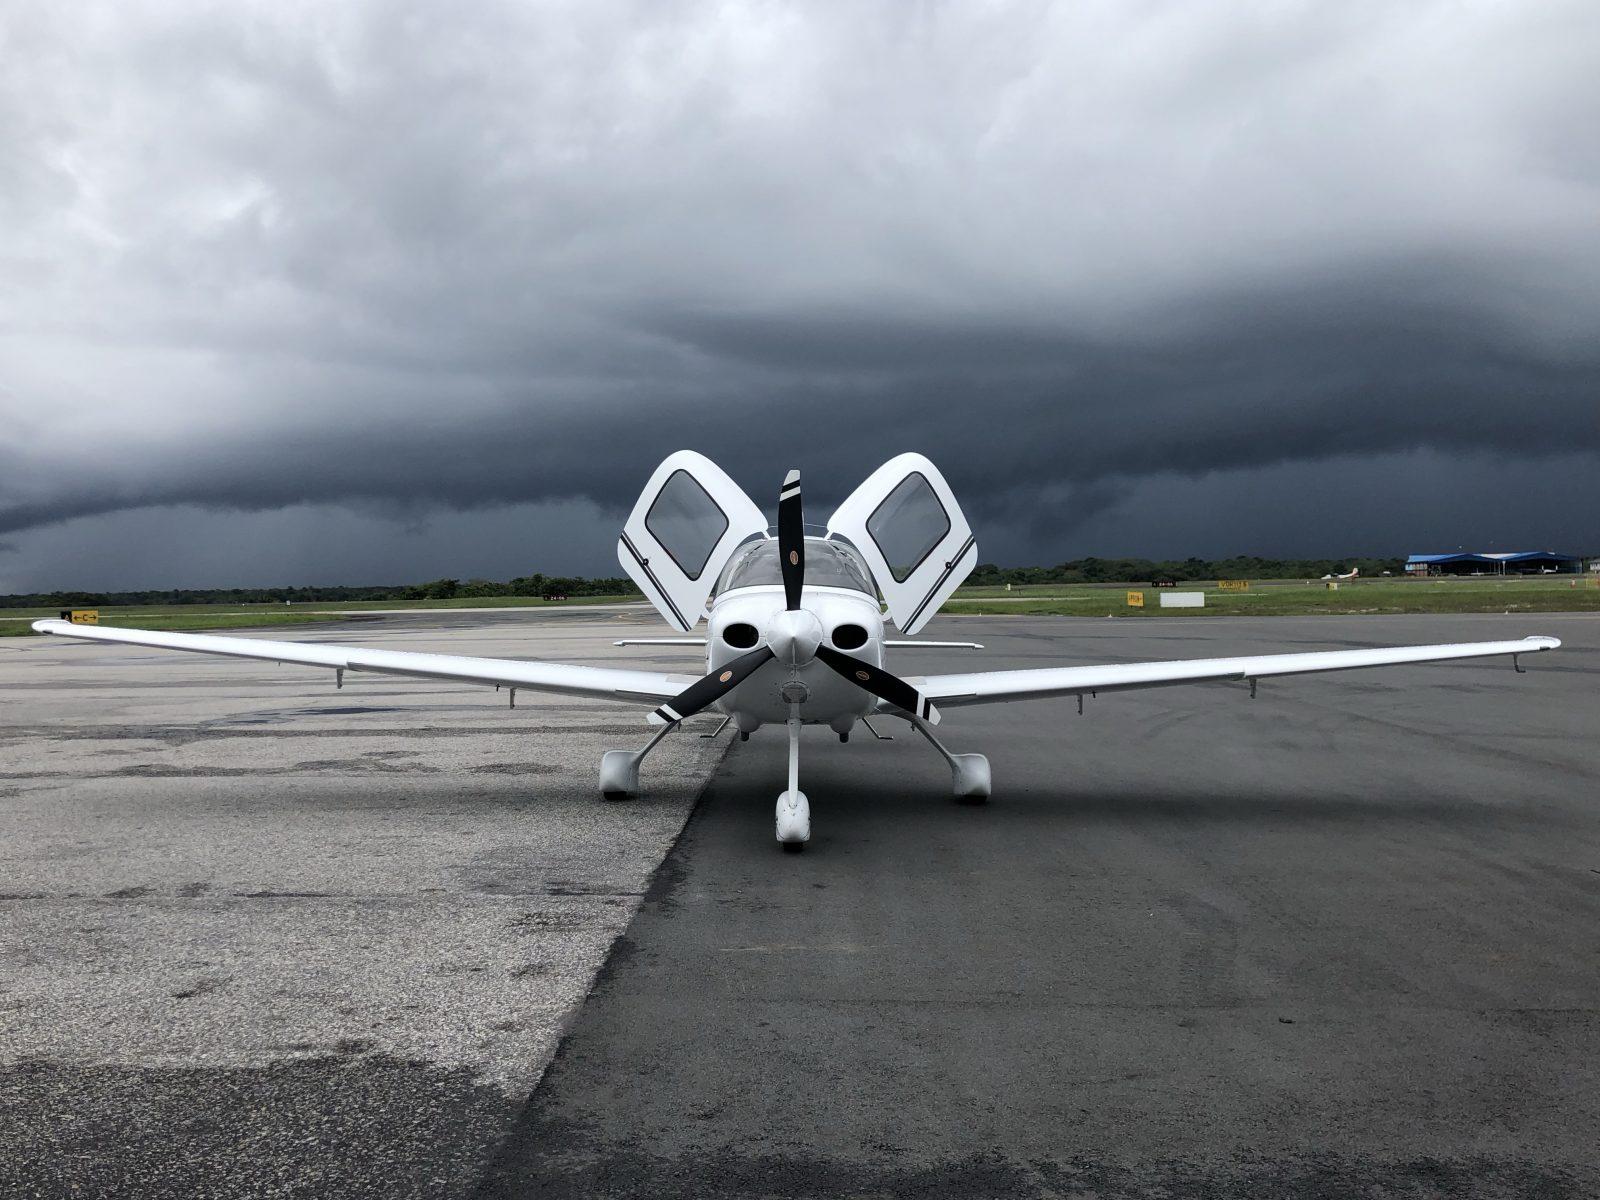 Thunder storm background